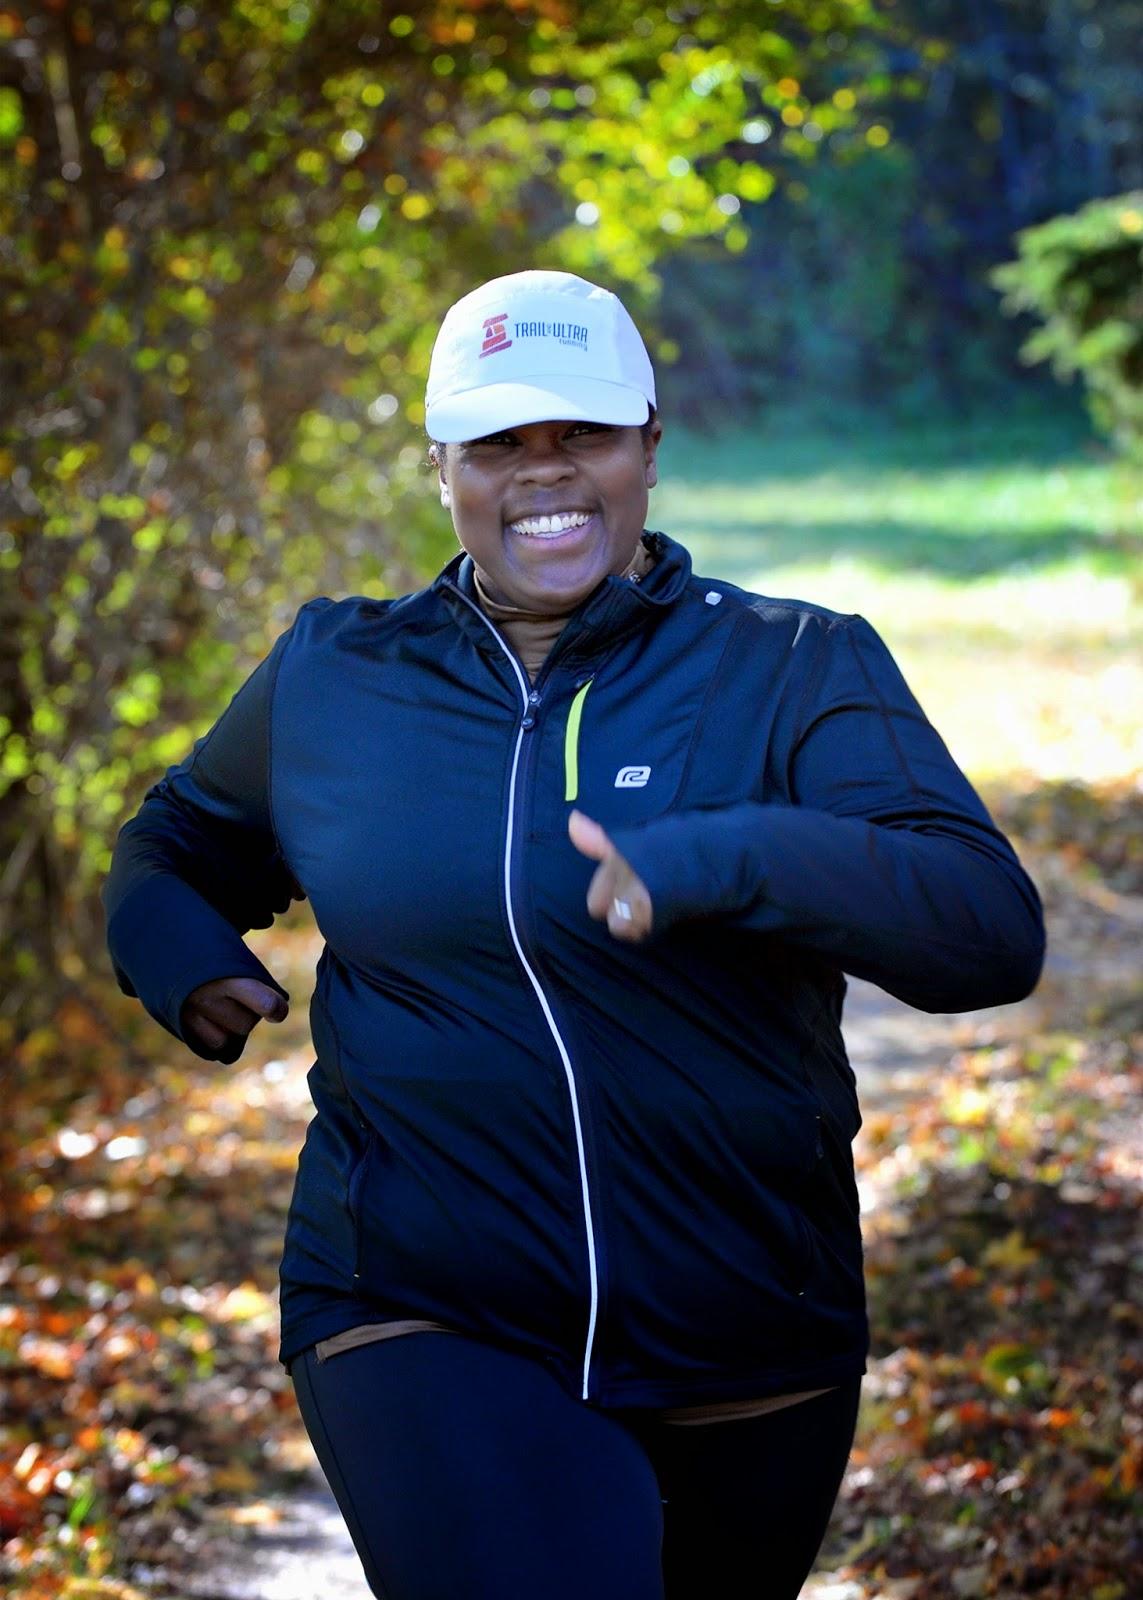 girl jogging Fat